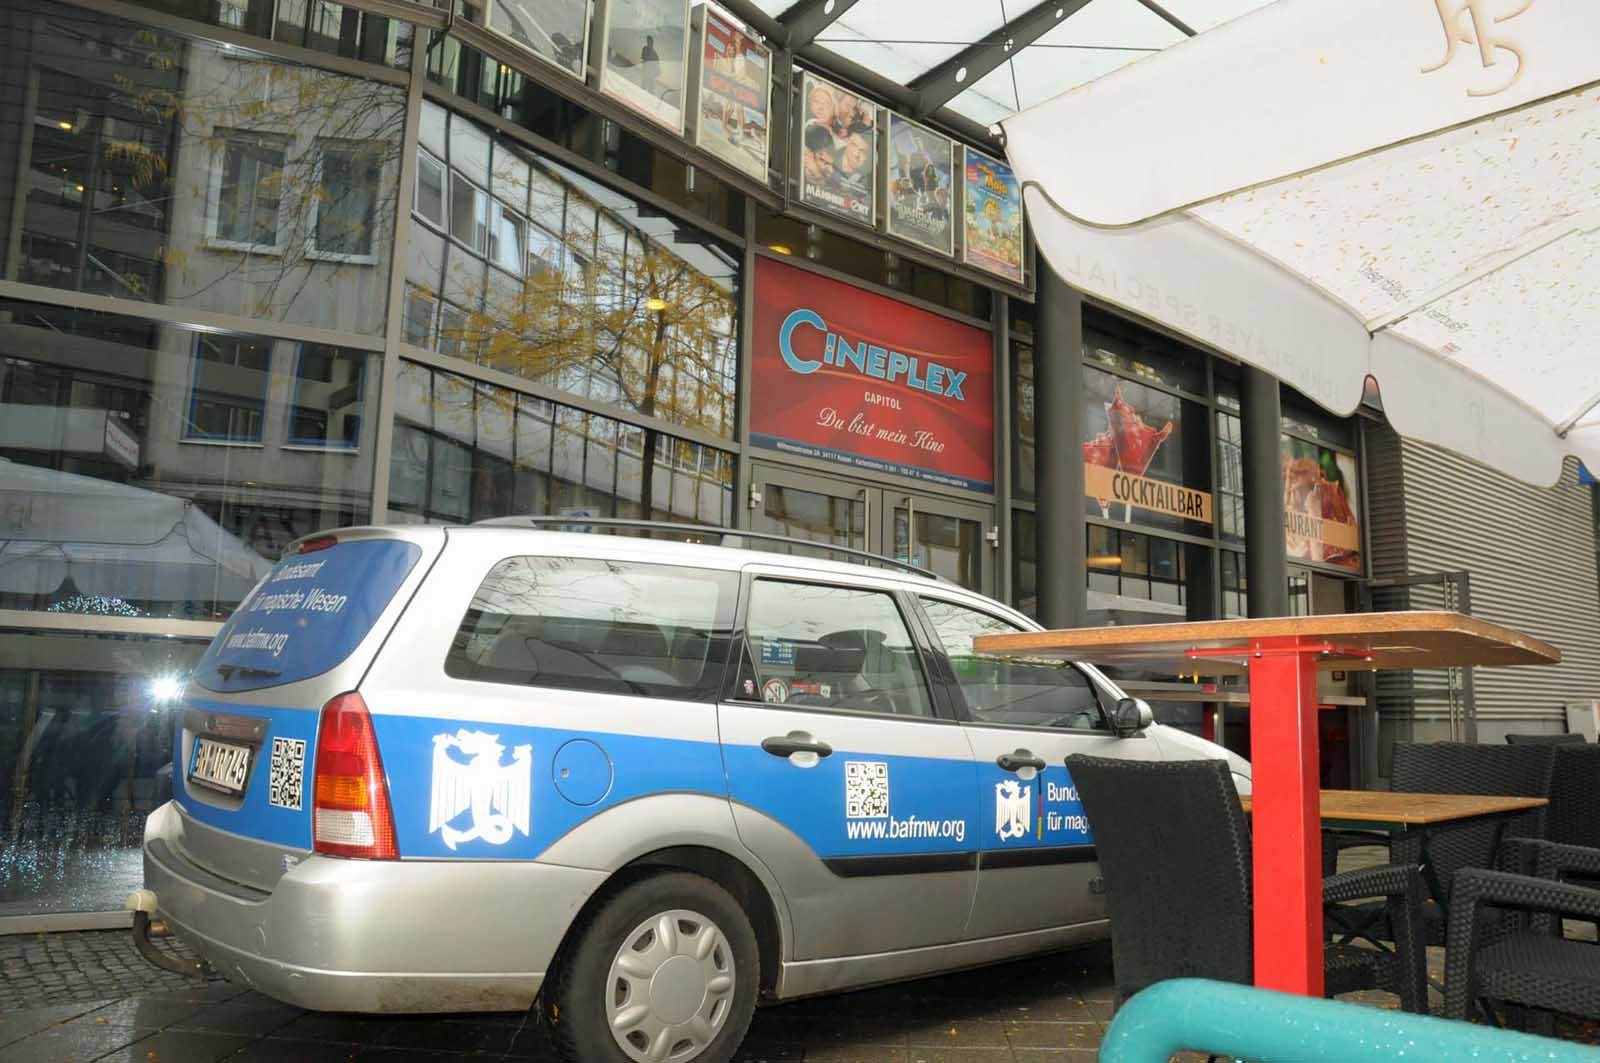 Das BAfmW bei der Cineplex Tagung in Kassel. (Foto: Bundesamt für magische Wesen)